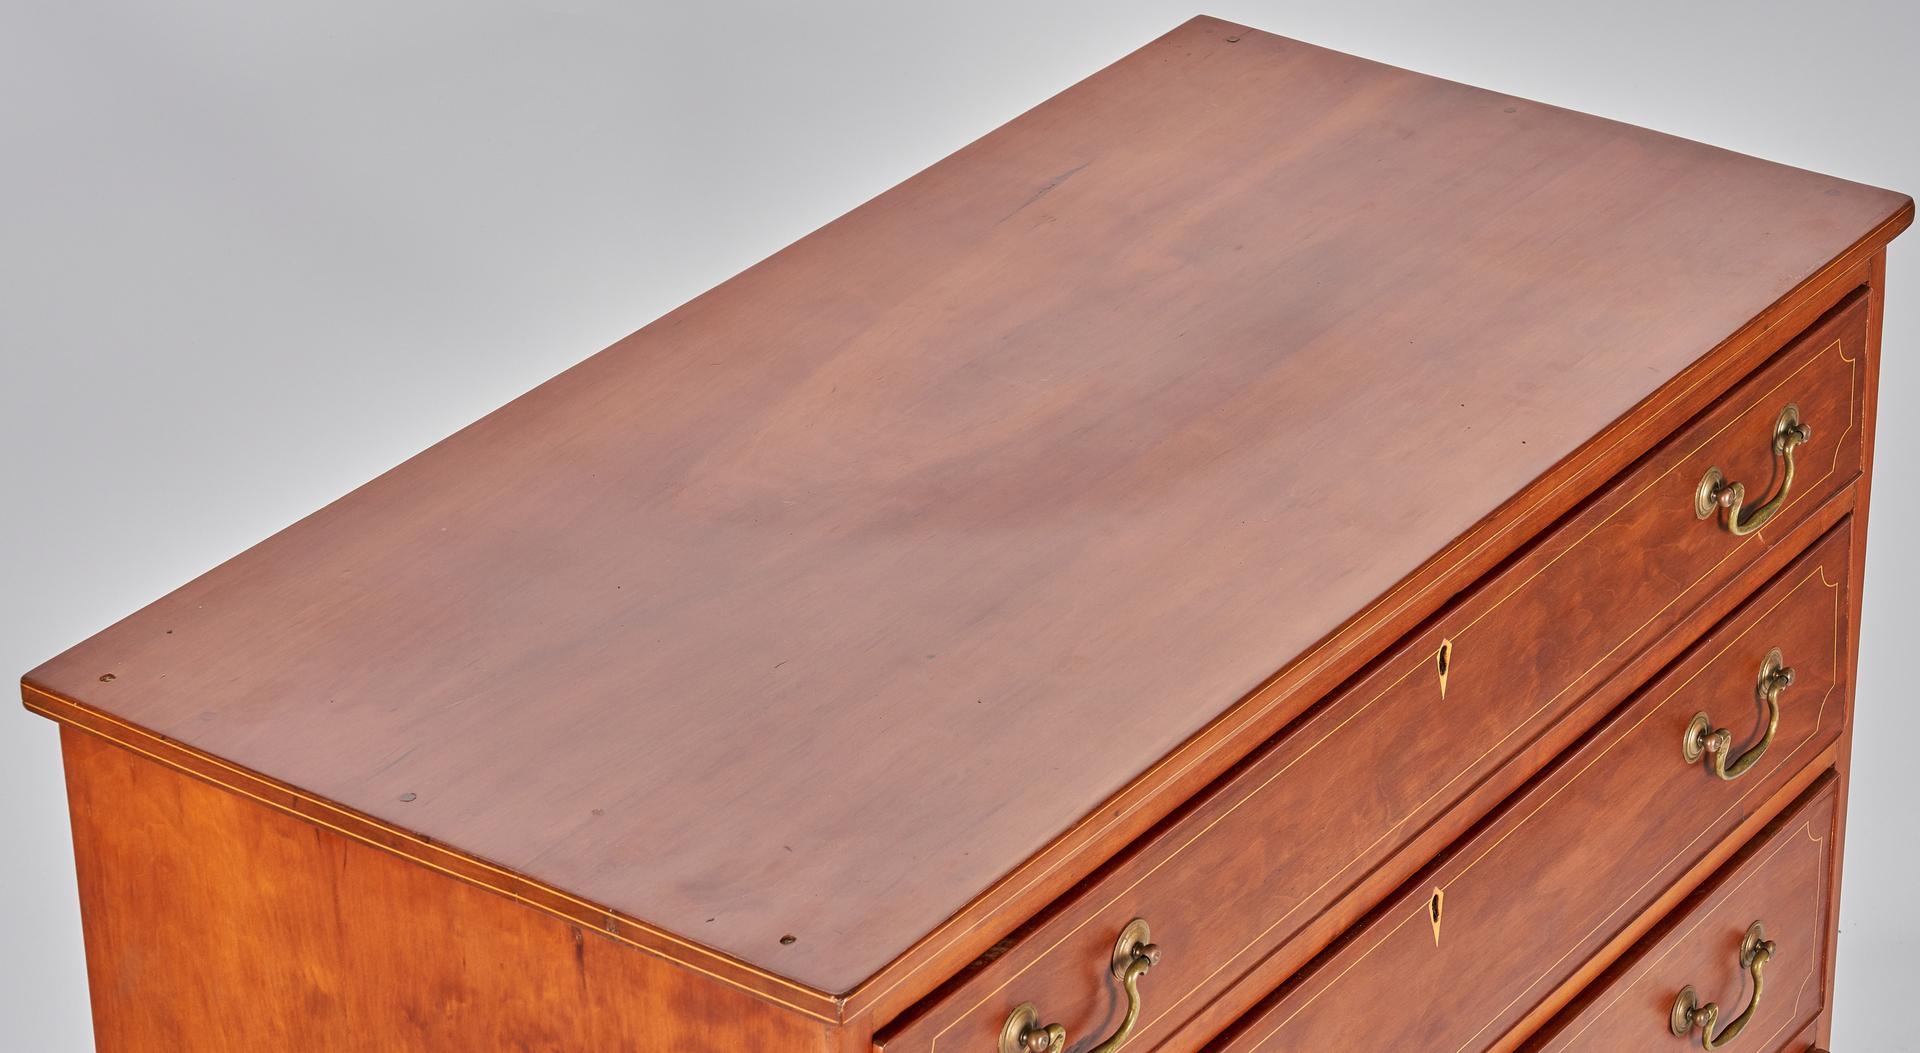 Lot 372: Cherry Hepplewhite Inlaid Chest of Drawers